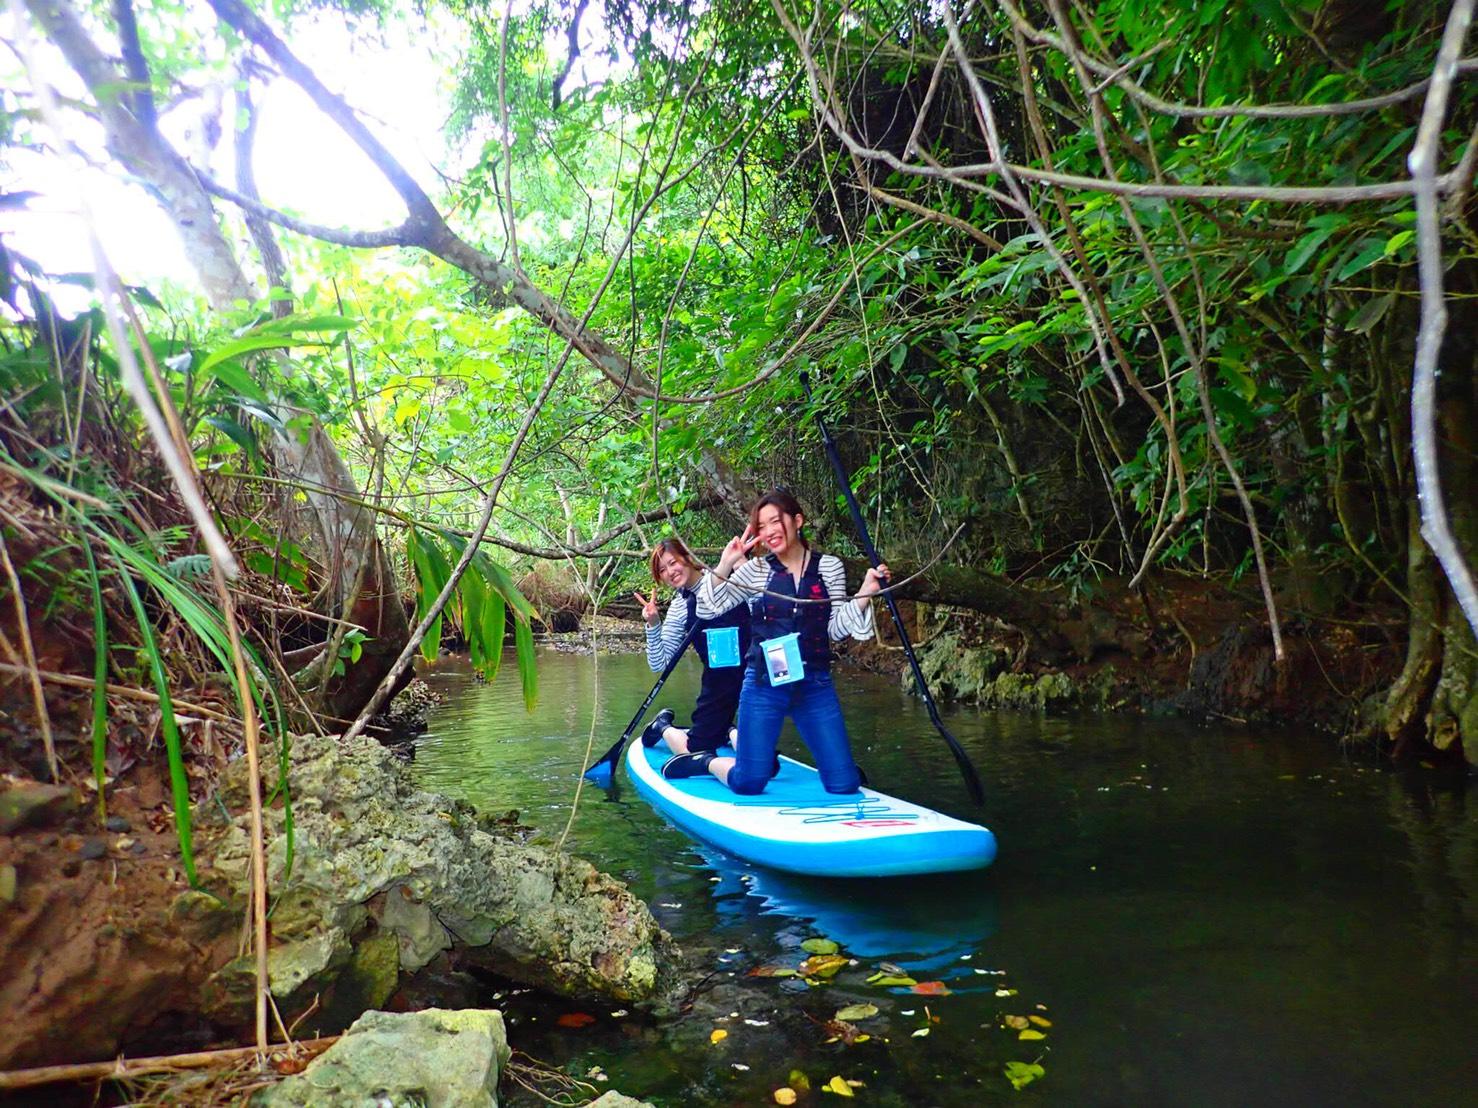 吹通川でSUPクルーズを楽しむ女性2人